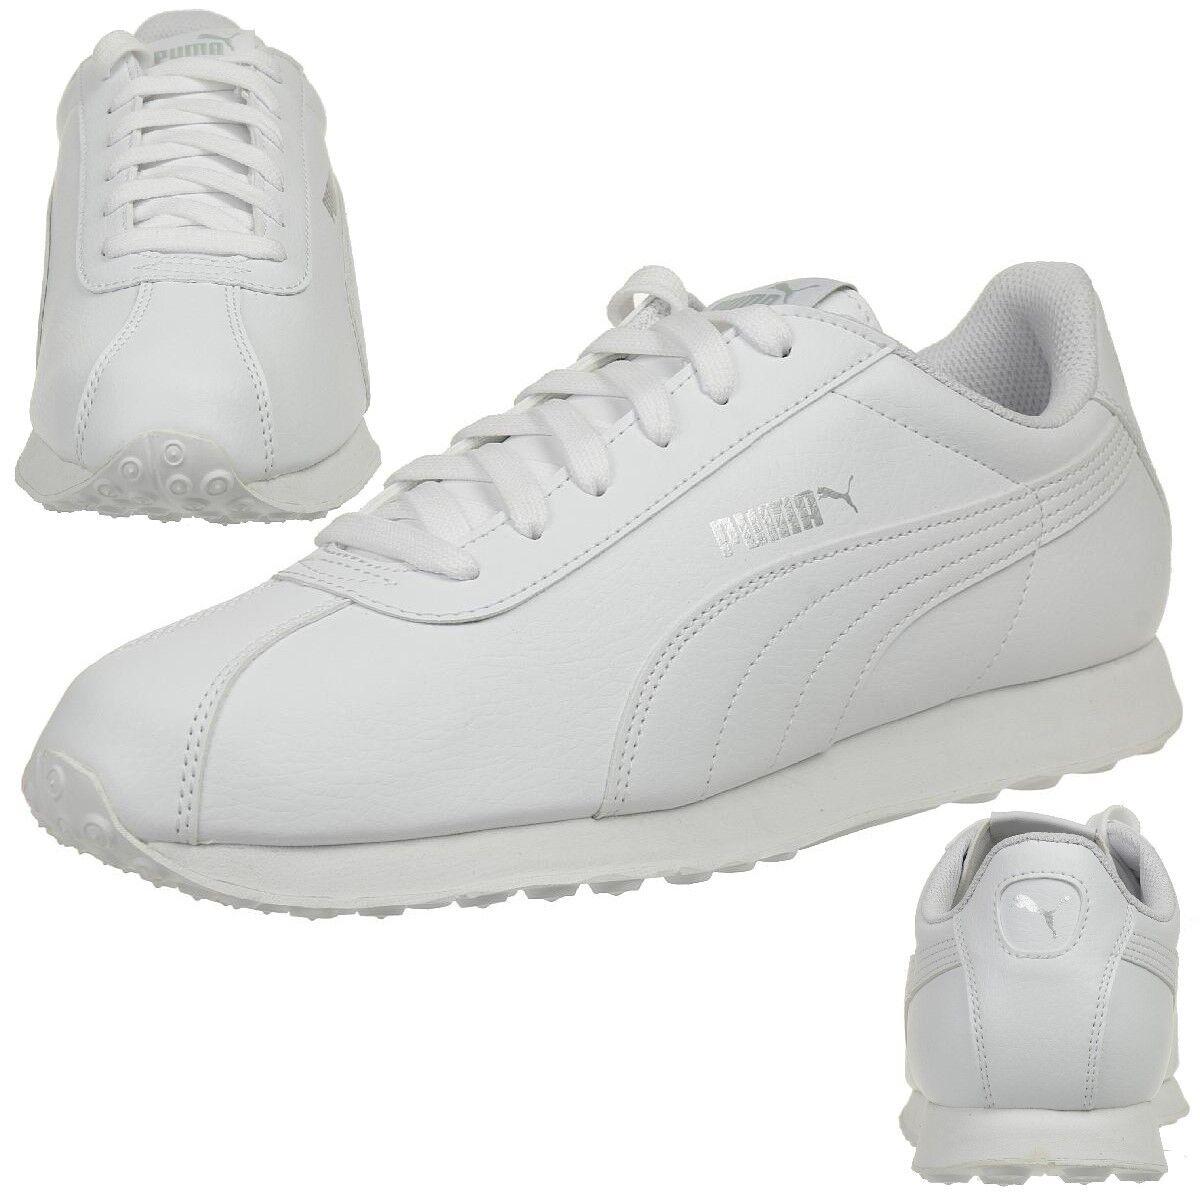 Puma Turin Zapatillas Estilo Deportivas para Hombre blancoo blancoo 360116 05